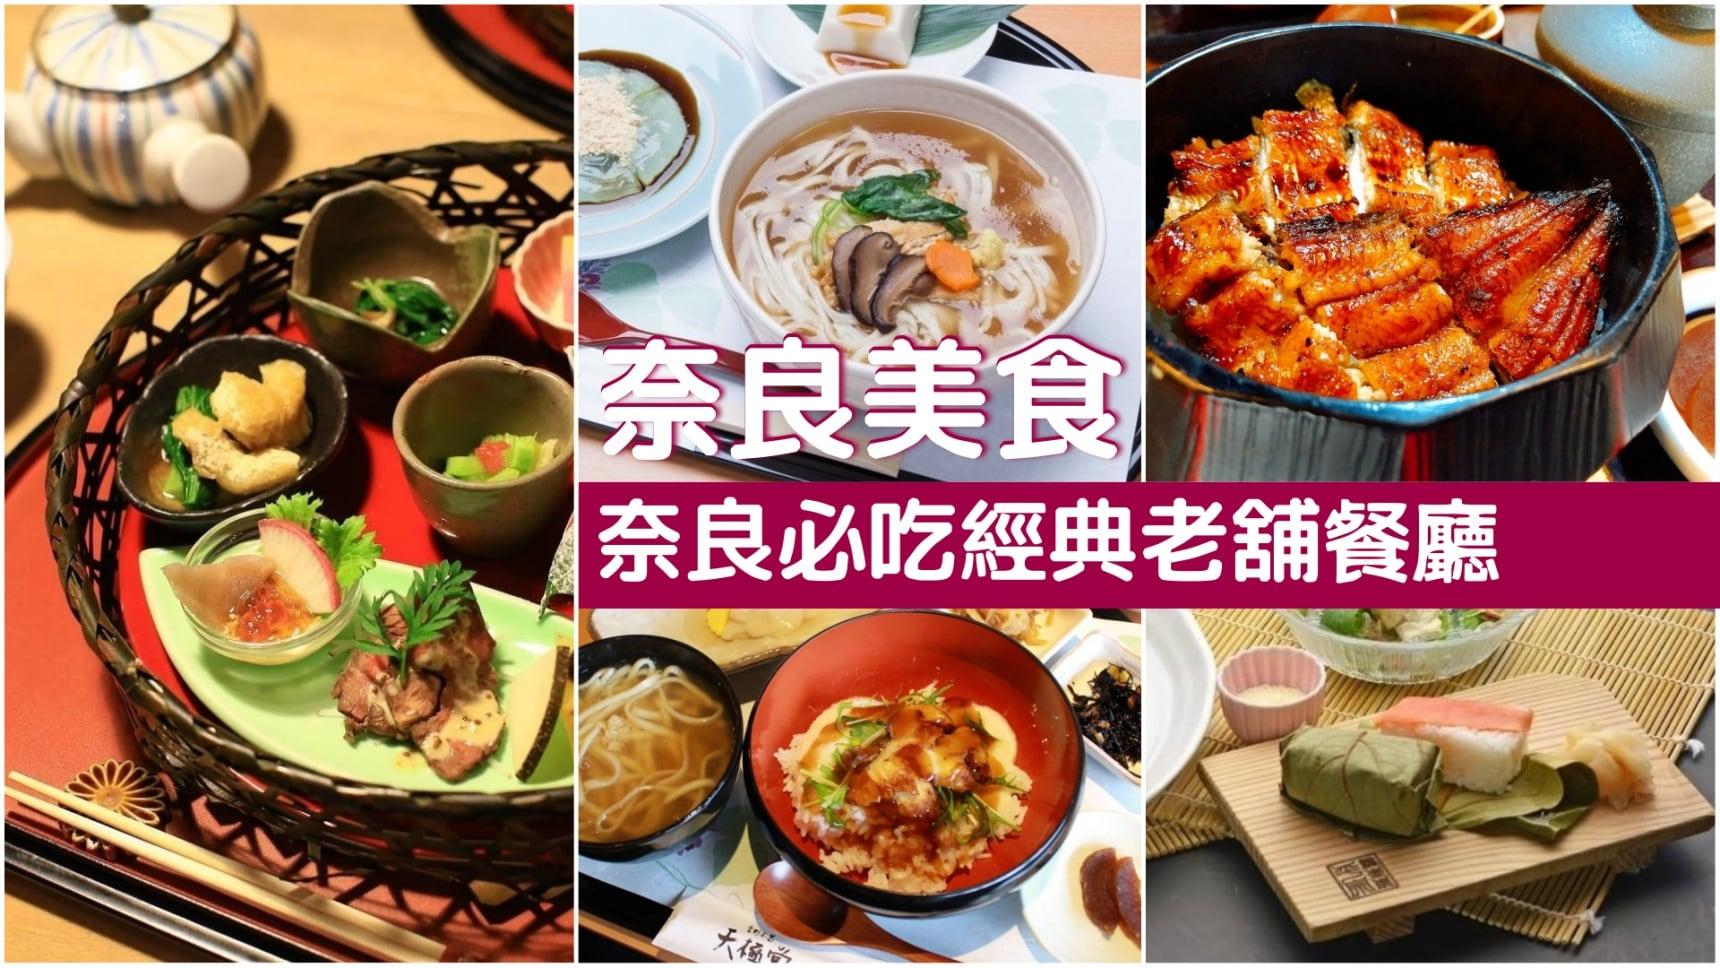 【奈良美食】要的就是這一味!奈良經典老舖餐廳9選